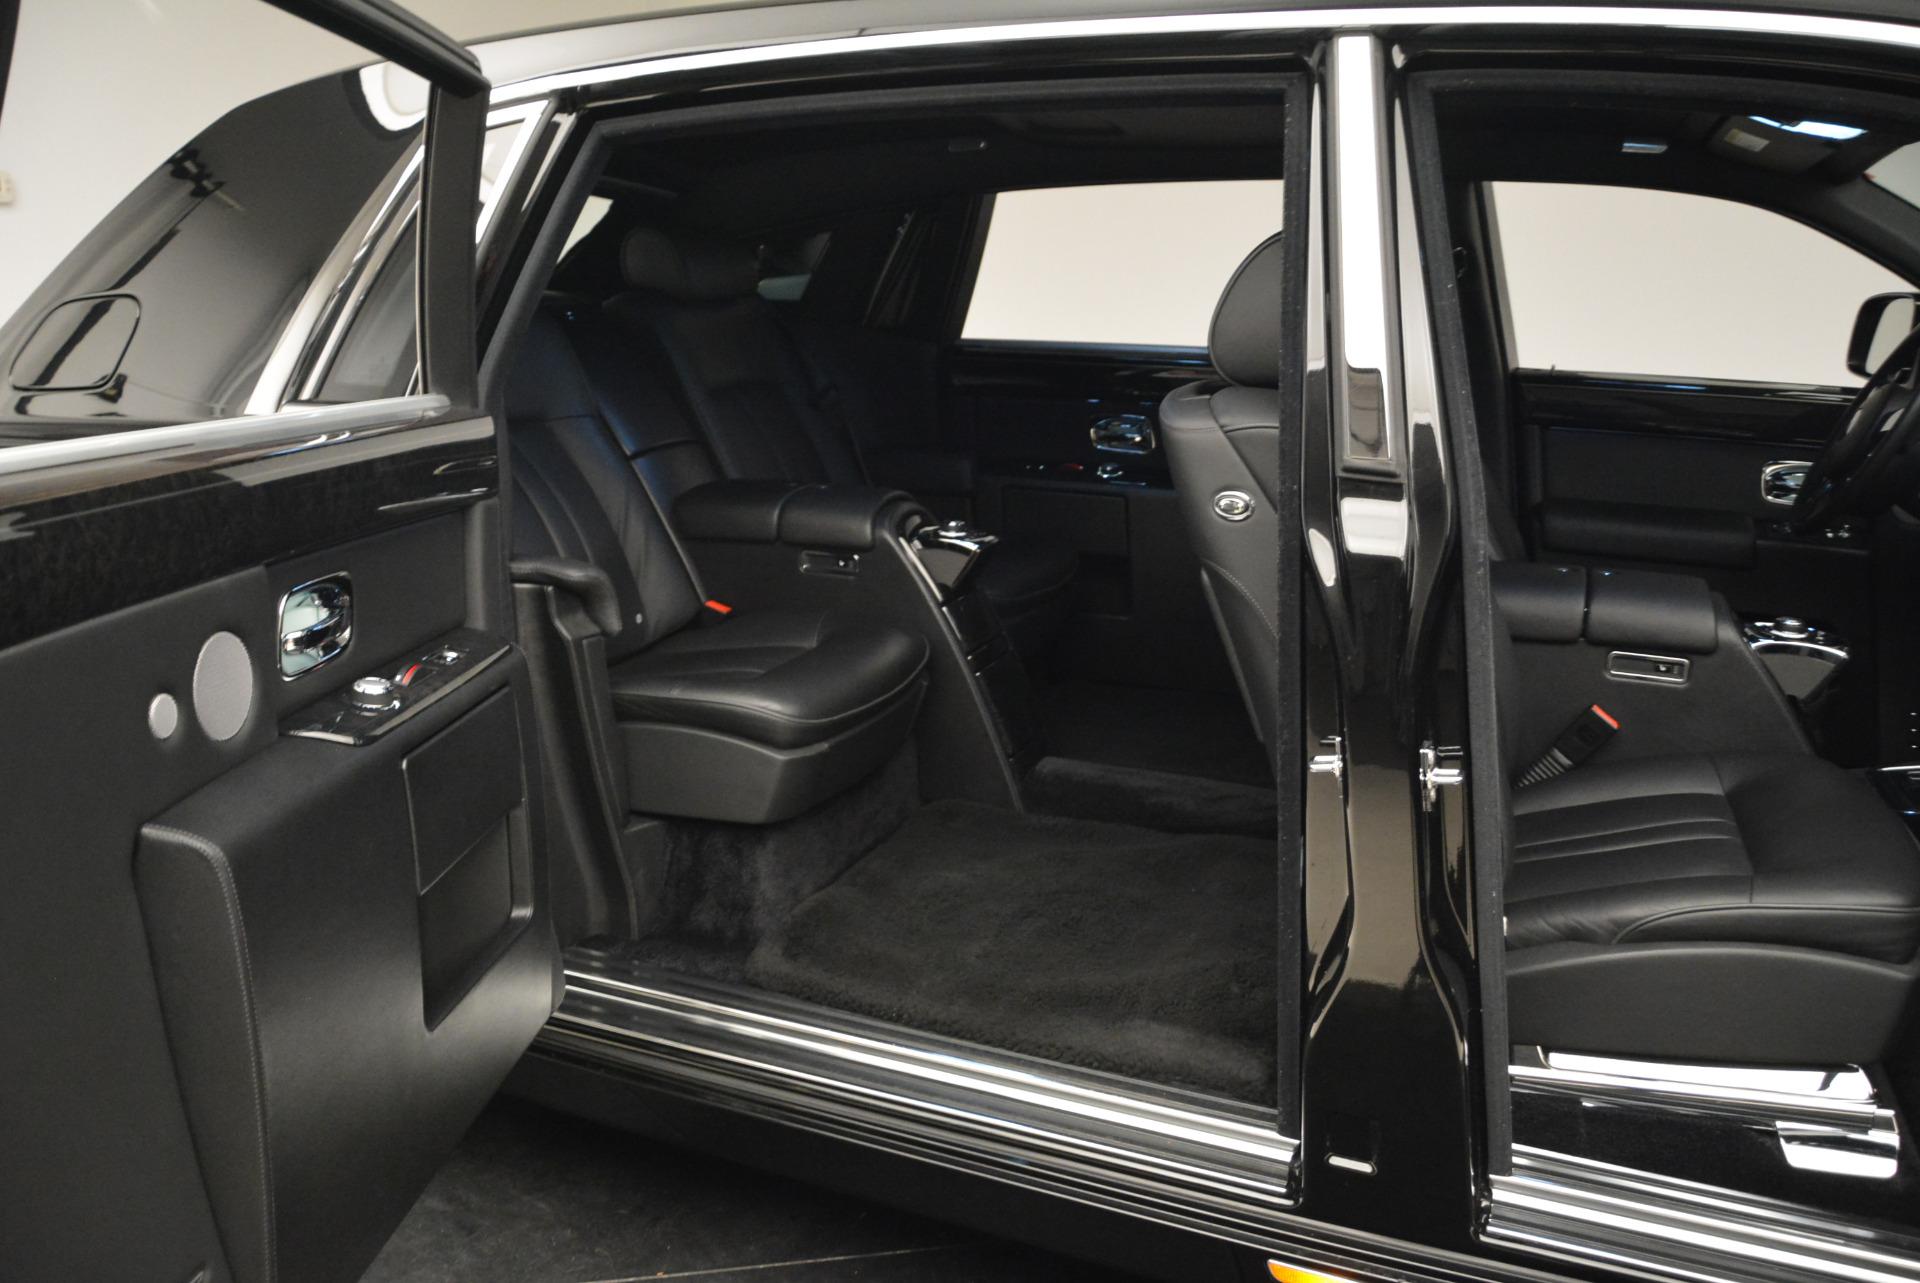 Used 2014 Rolls-Royce Phantom EWB For Sale In Greenwich, CT 2051_p11